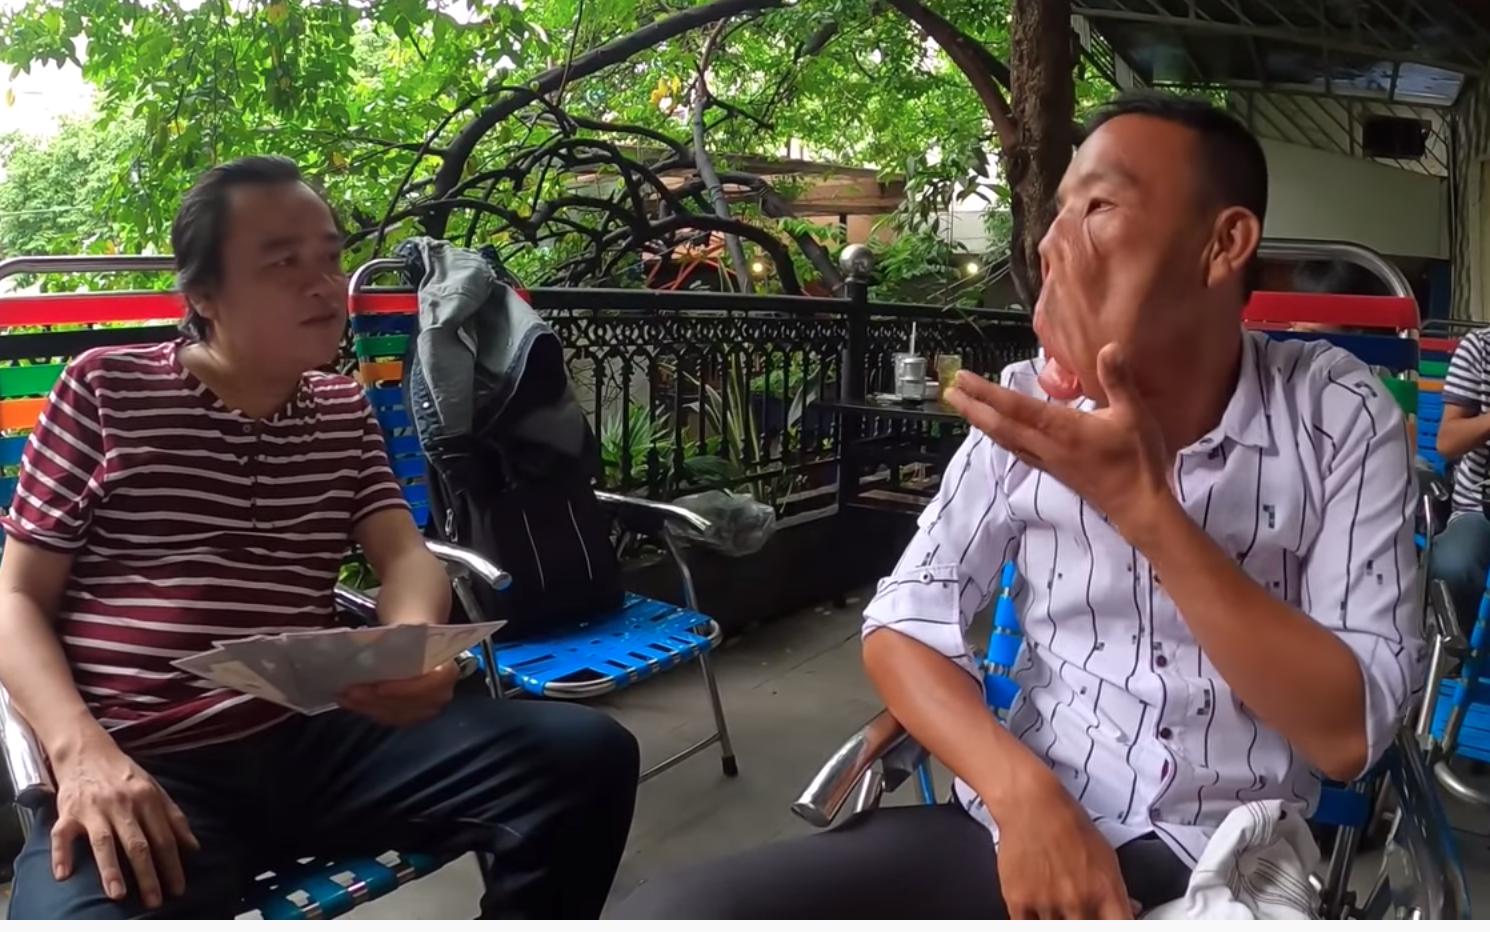 Chuyện người đàn ông mang khuôn mặt quỷ đến Sài Gòn tìm lại khuôn mặt người - Ảnh 3.